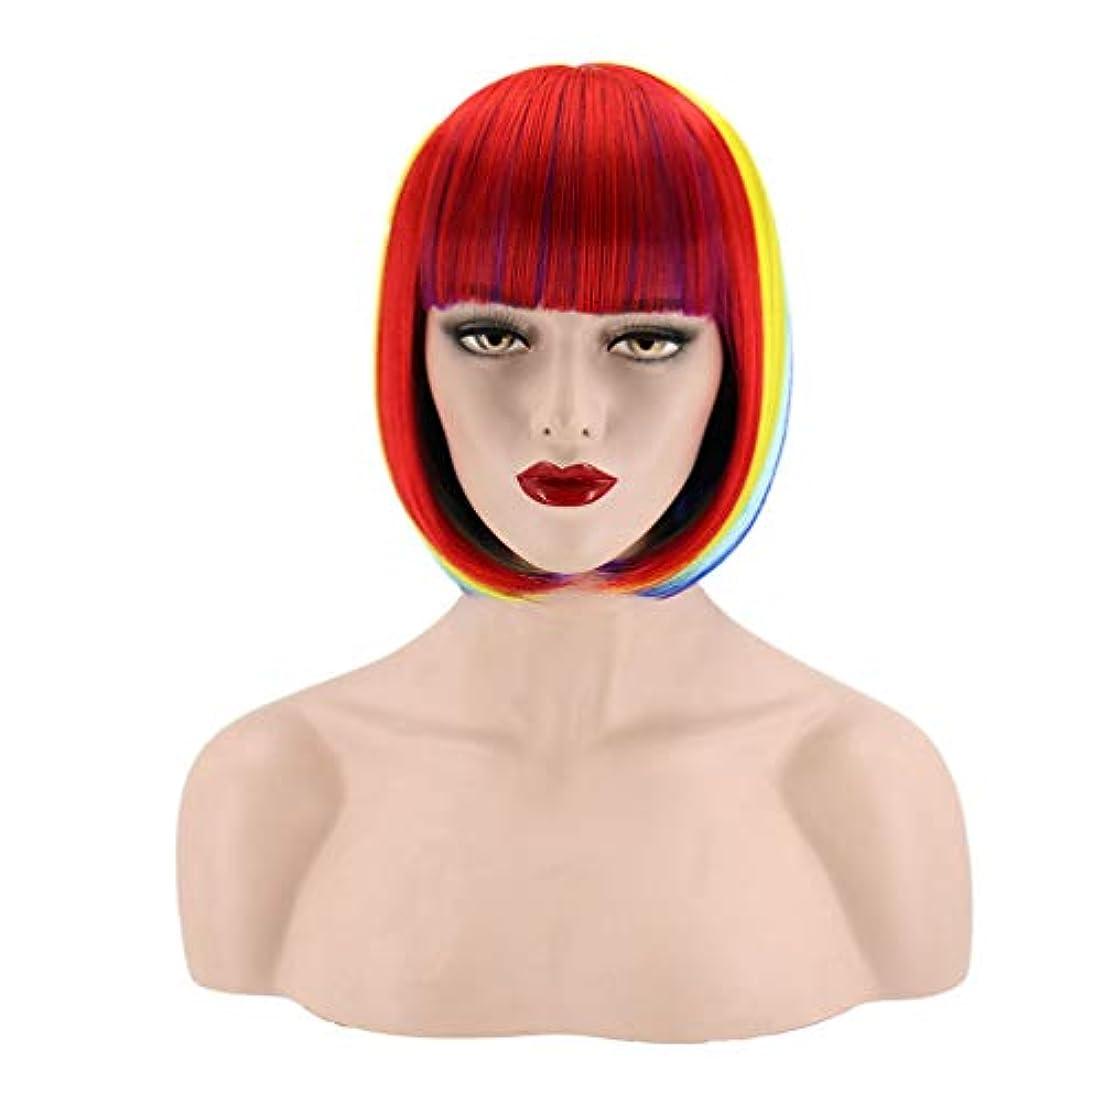 ひらめきボット疑問を超えて女性ウィッグ合成ボブショートウィッグ耐熱コスプレパーティーヘアウィッグ150%密度30cm